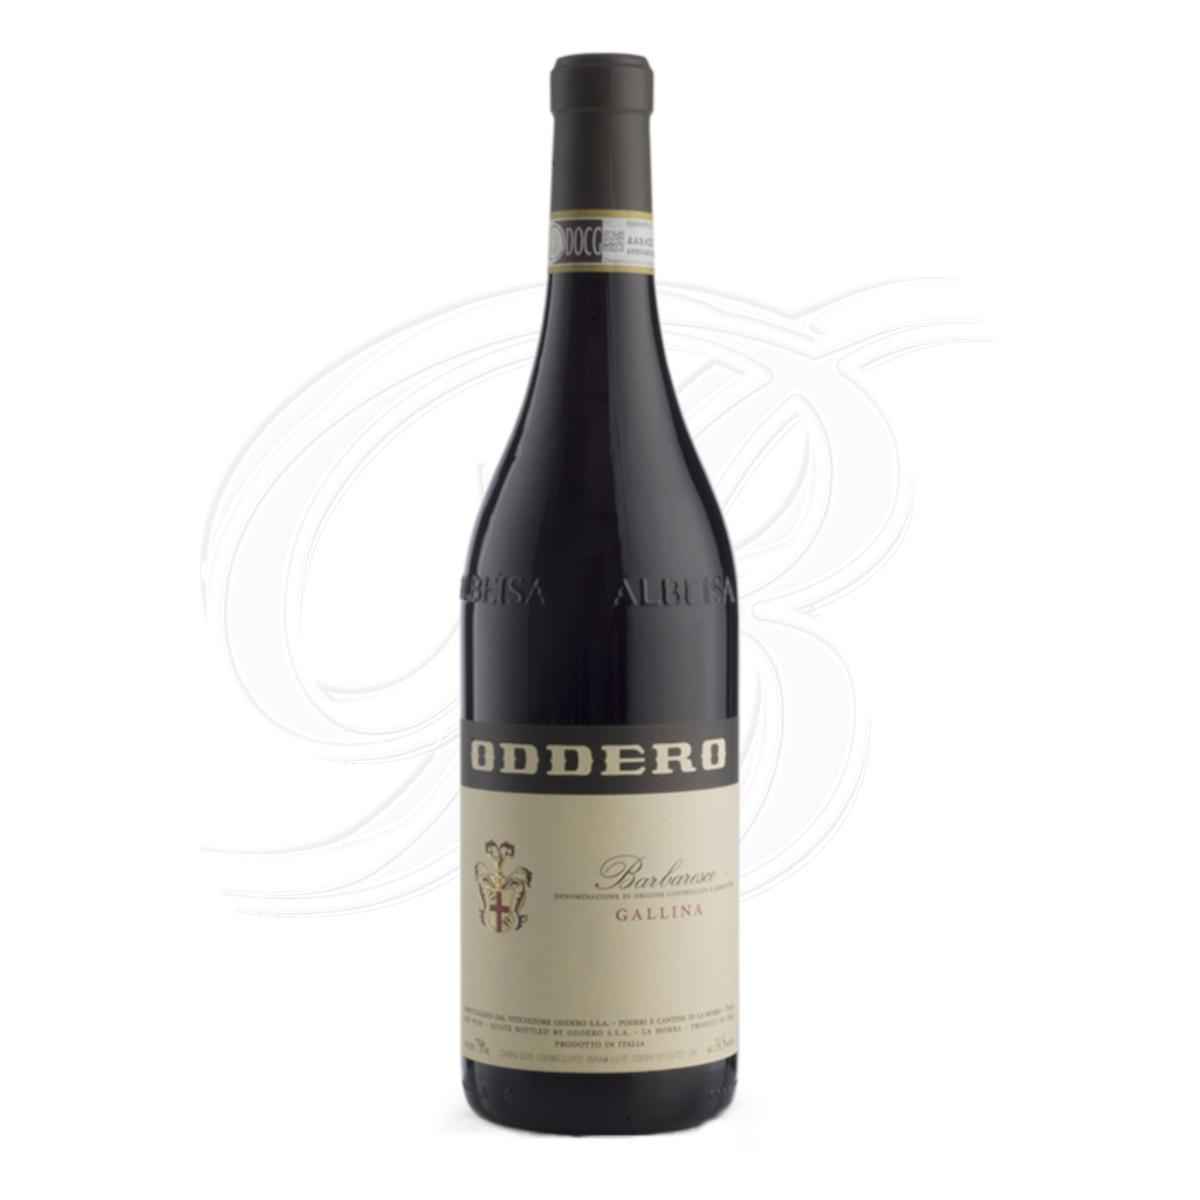 Barbaresco Gallina vom Weingut Oddero Poderi in La Morra im Piemont